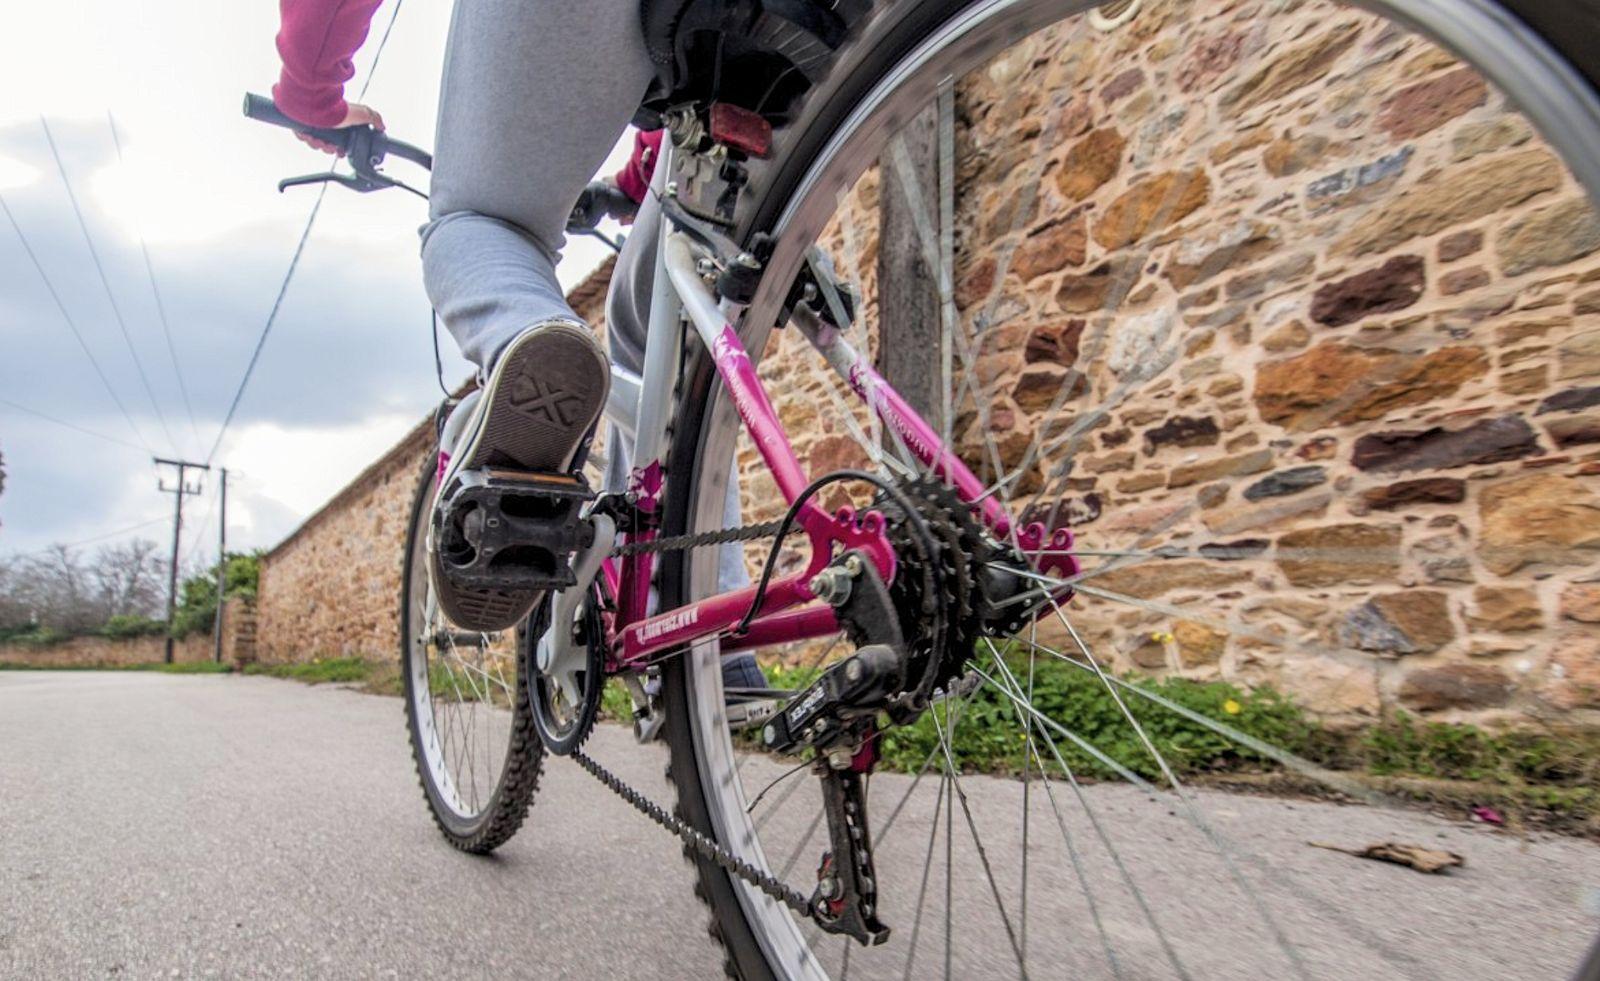 Pravidla silničního provozu platí také pro cyklisty!